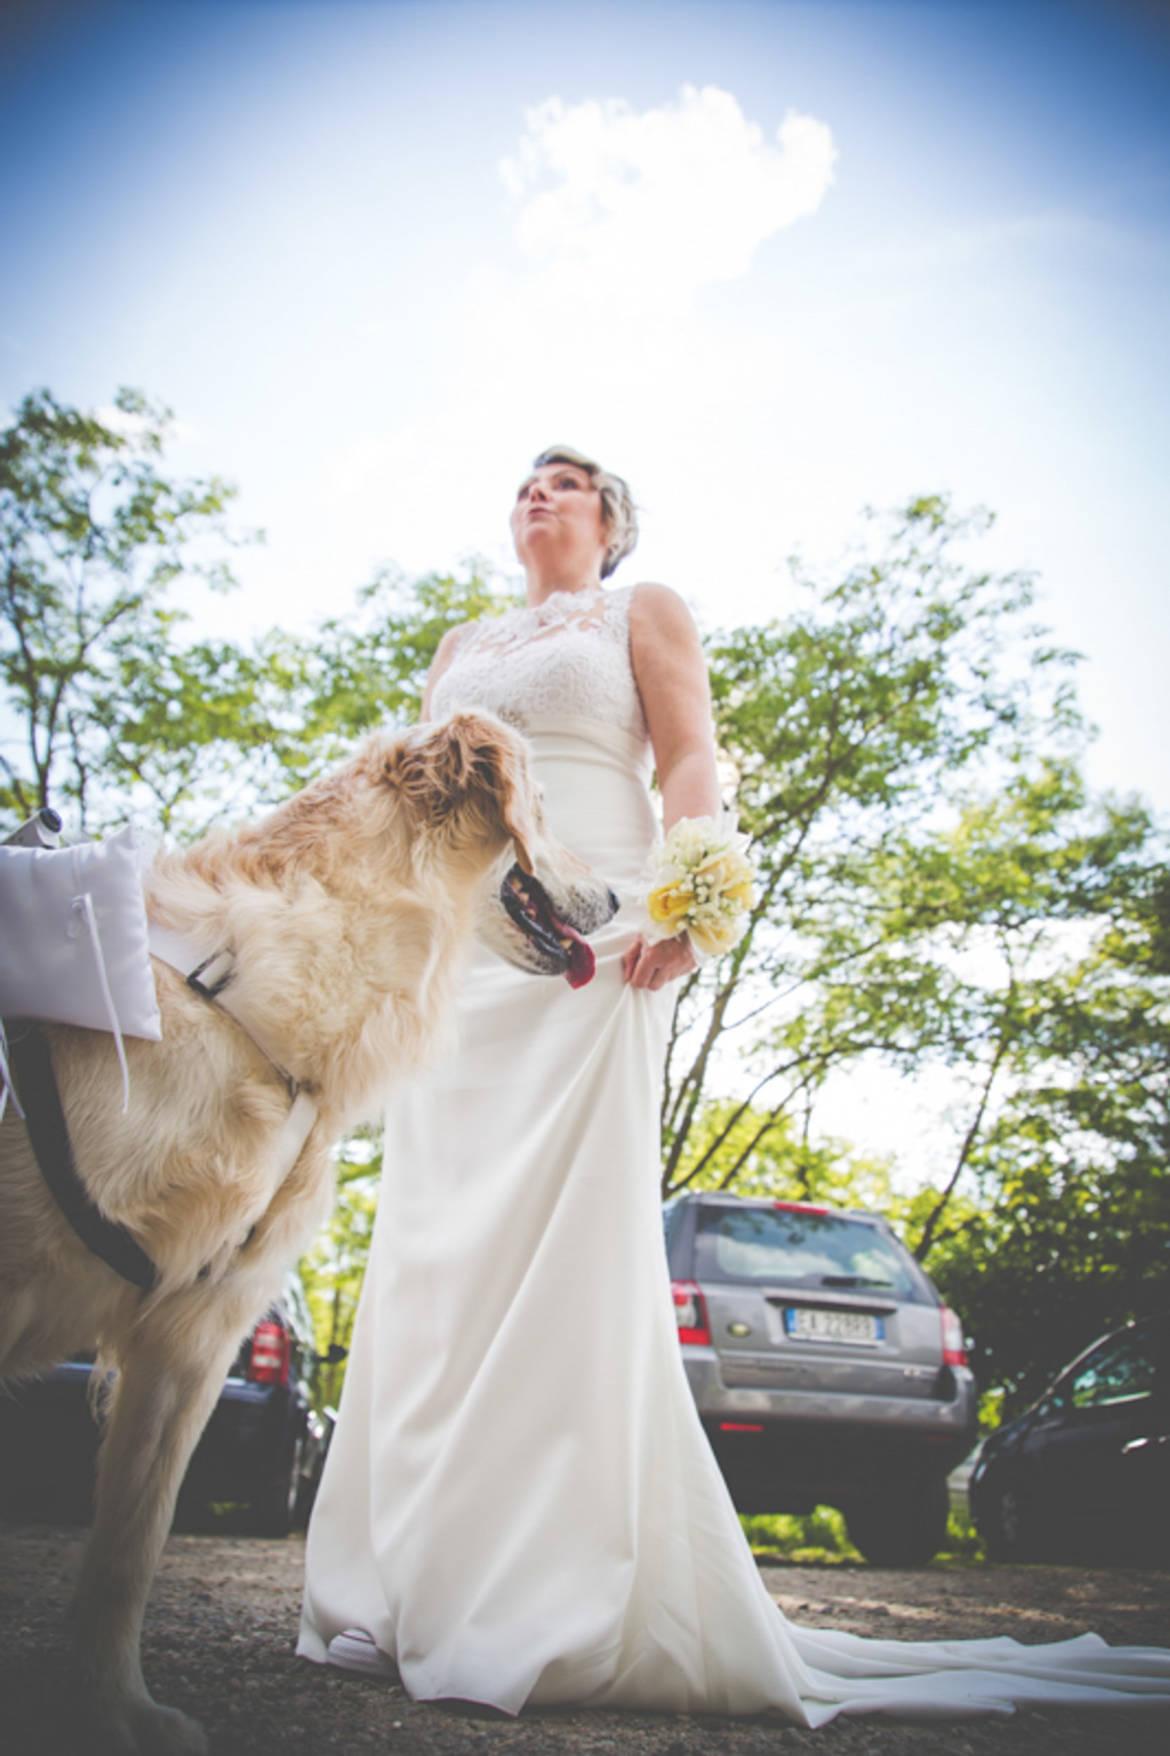 Matrimonio-Ivano-e-Monica-53.jpg